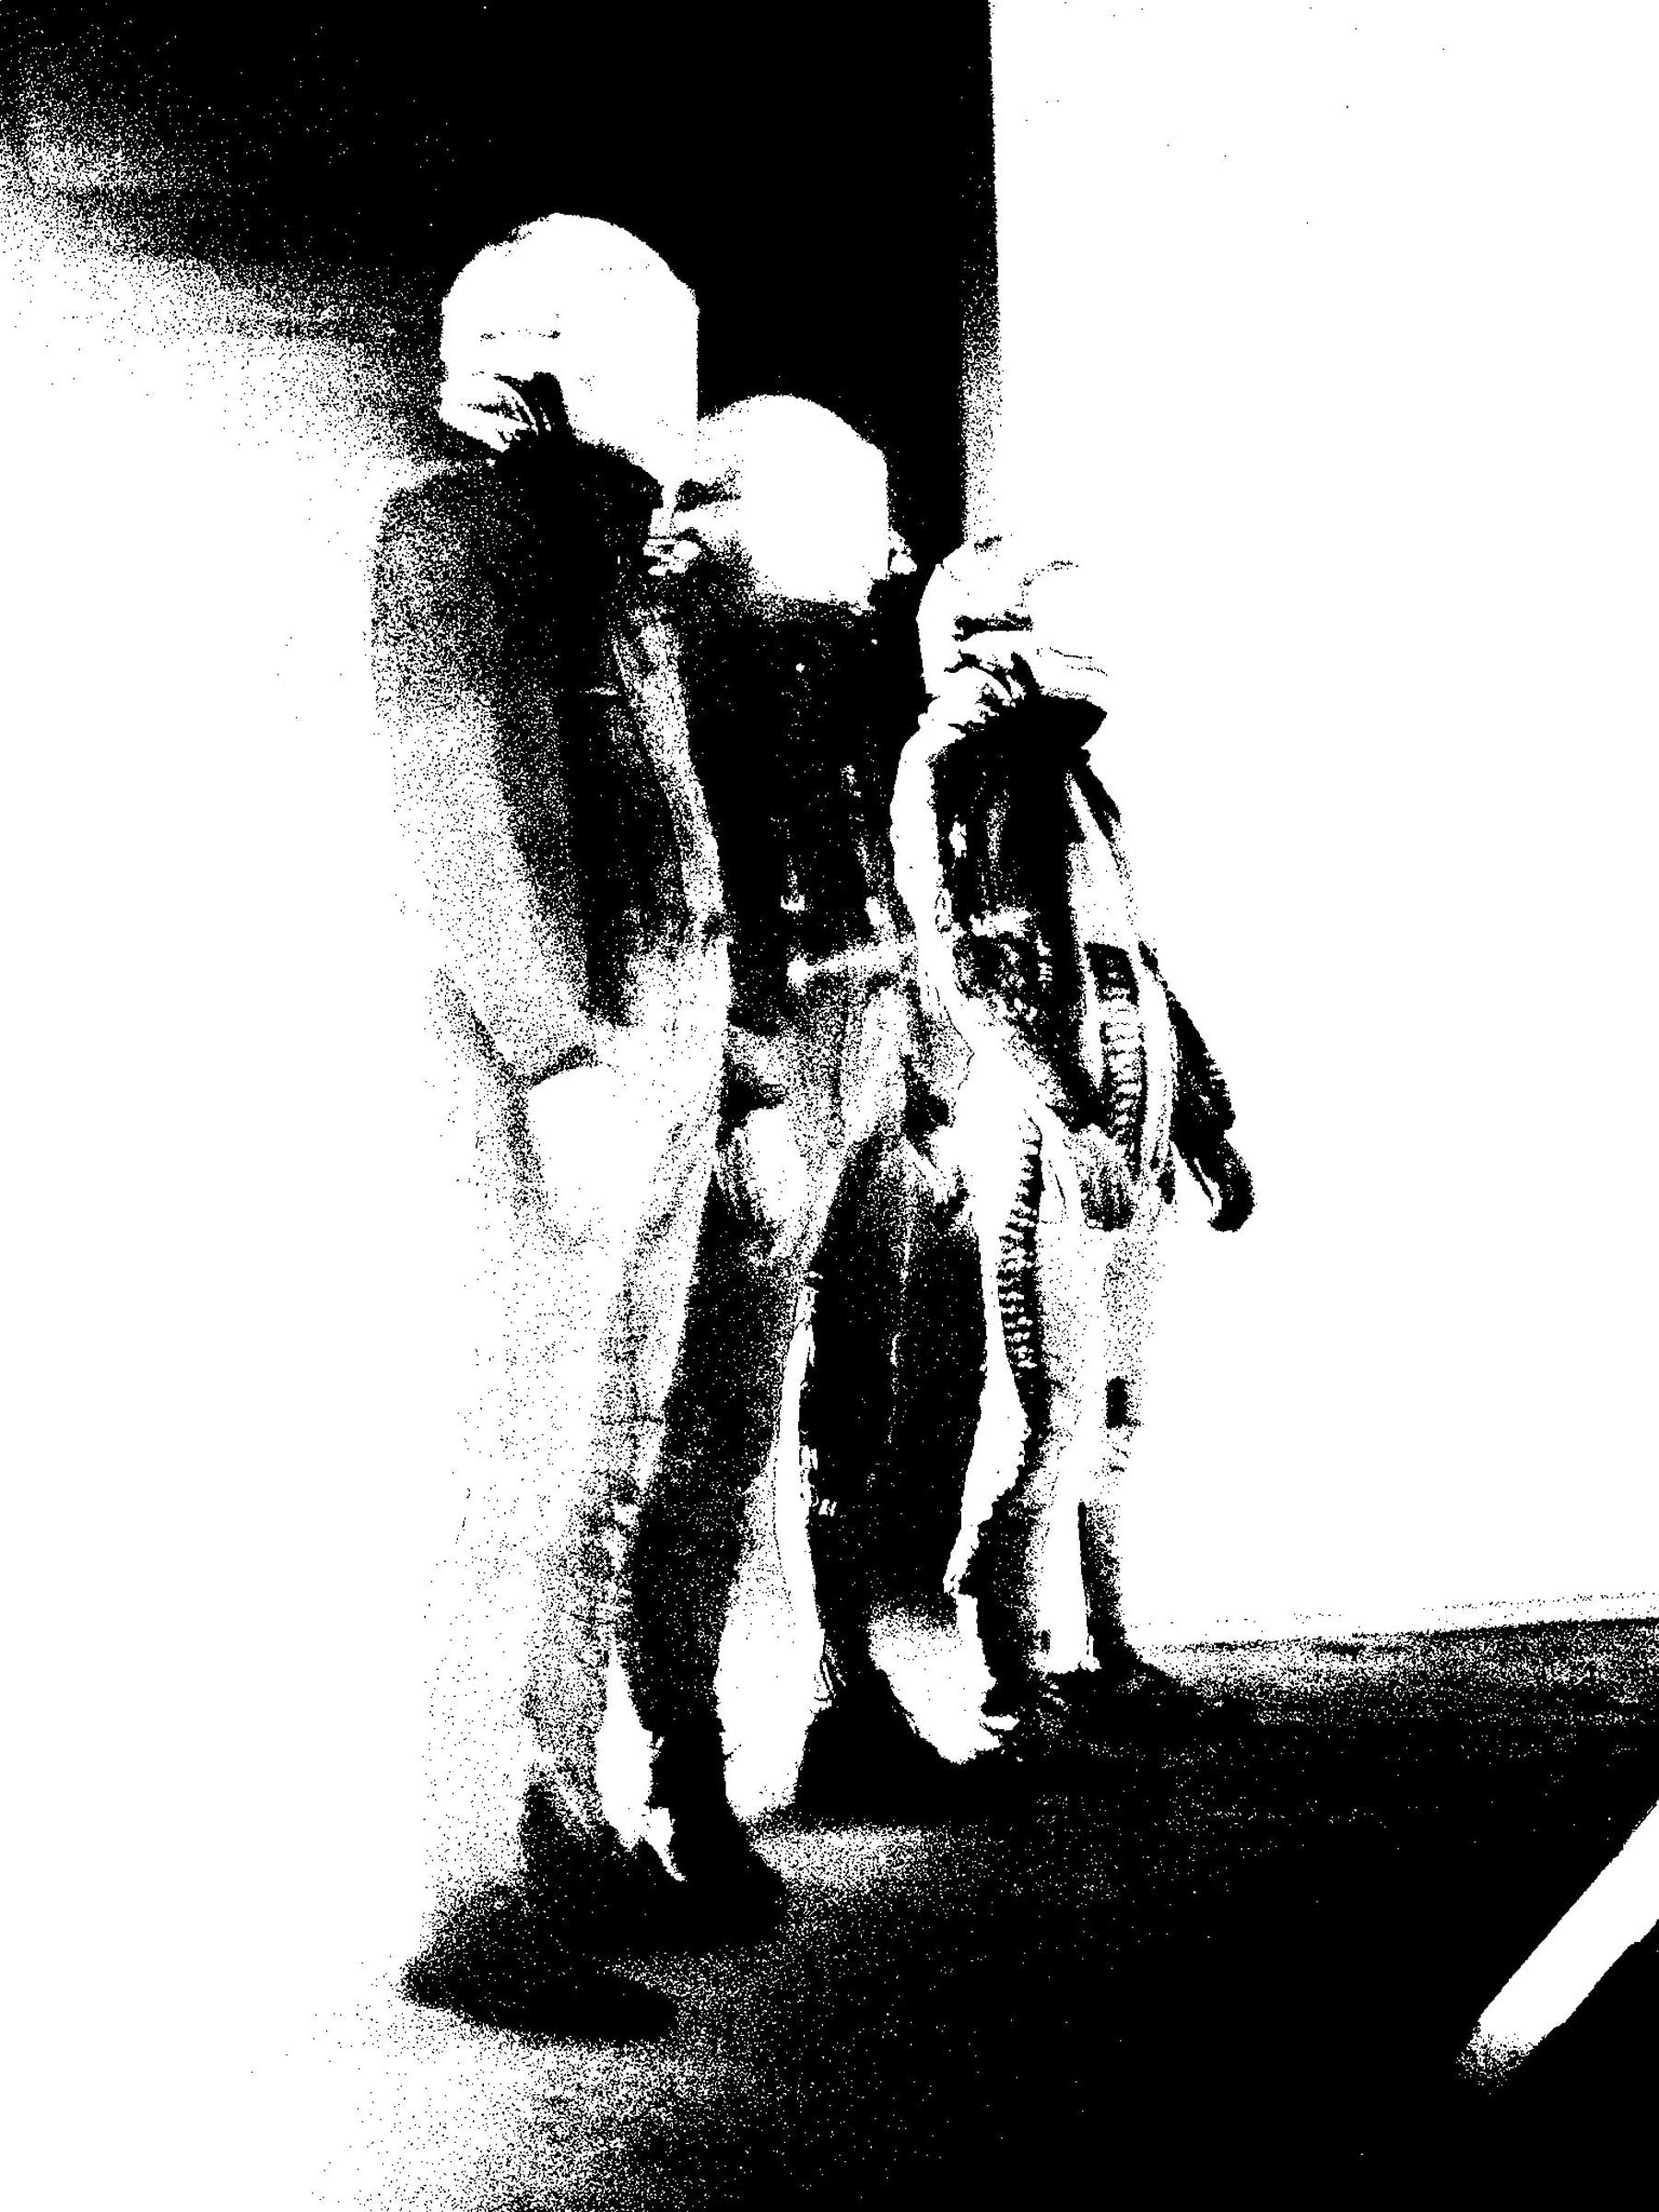 Detail afbeelding 4 van Meteor Musik (photography) | Ontwerp door Stefaan Beeckaert